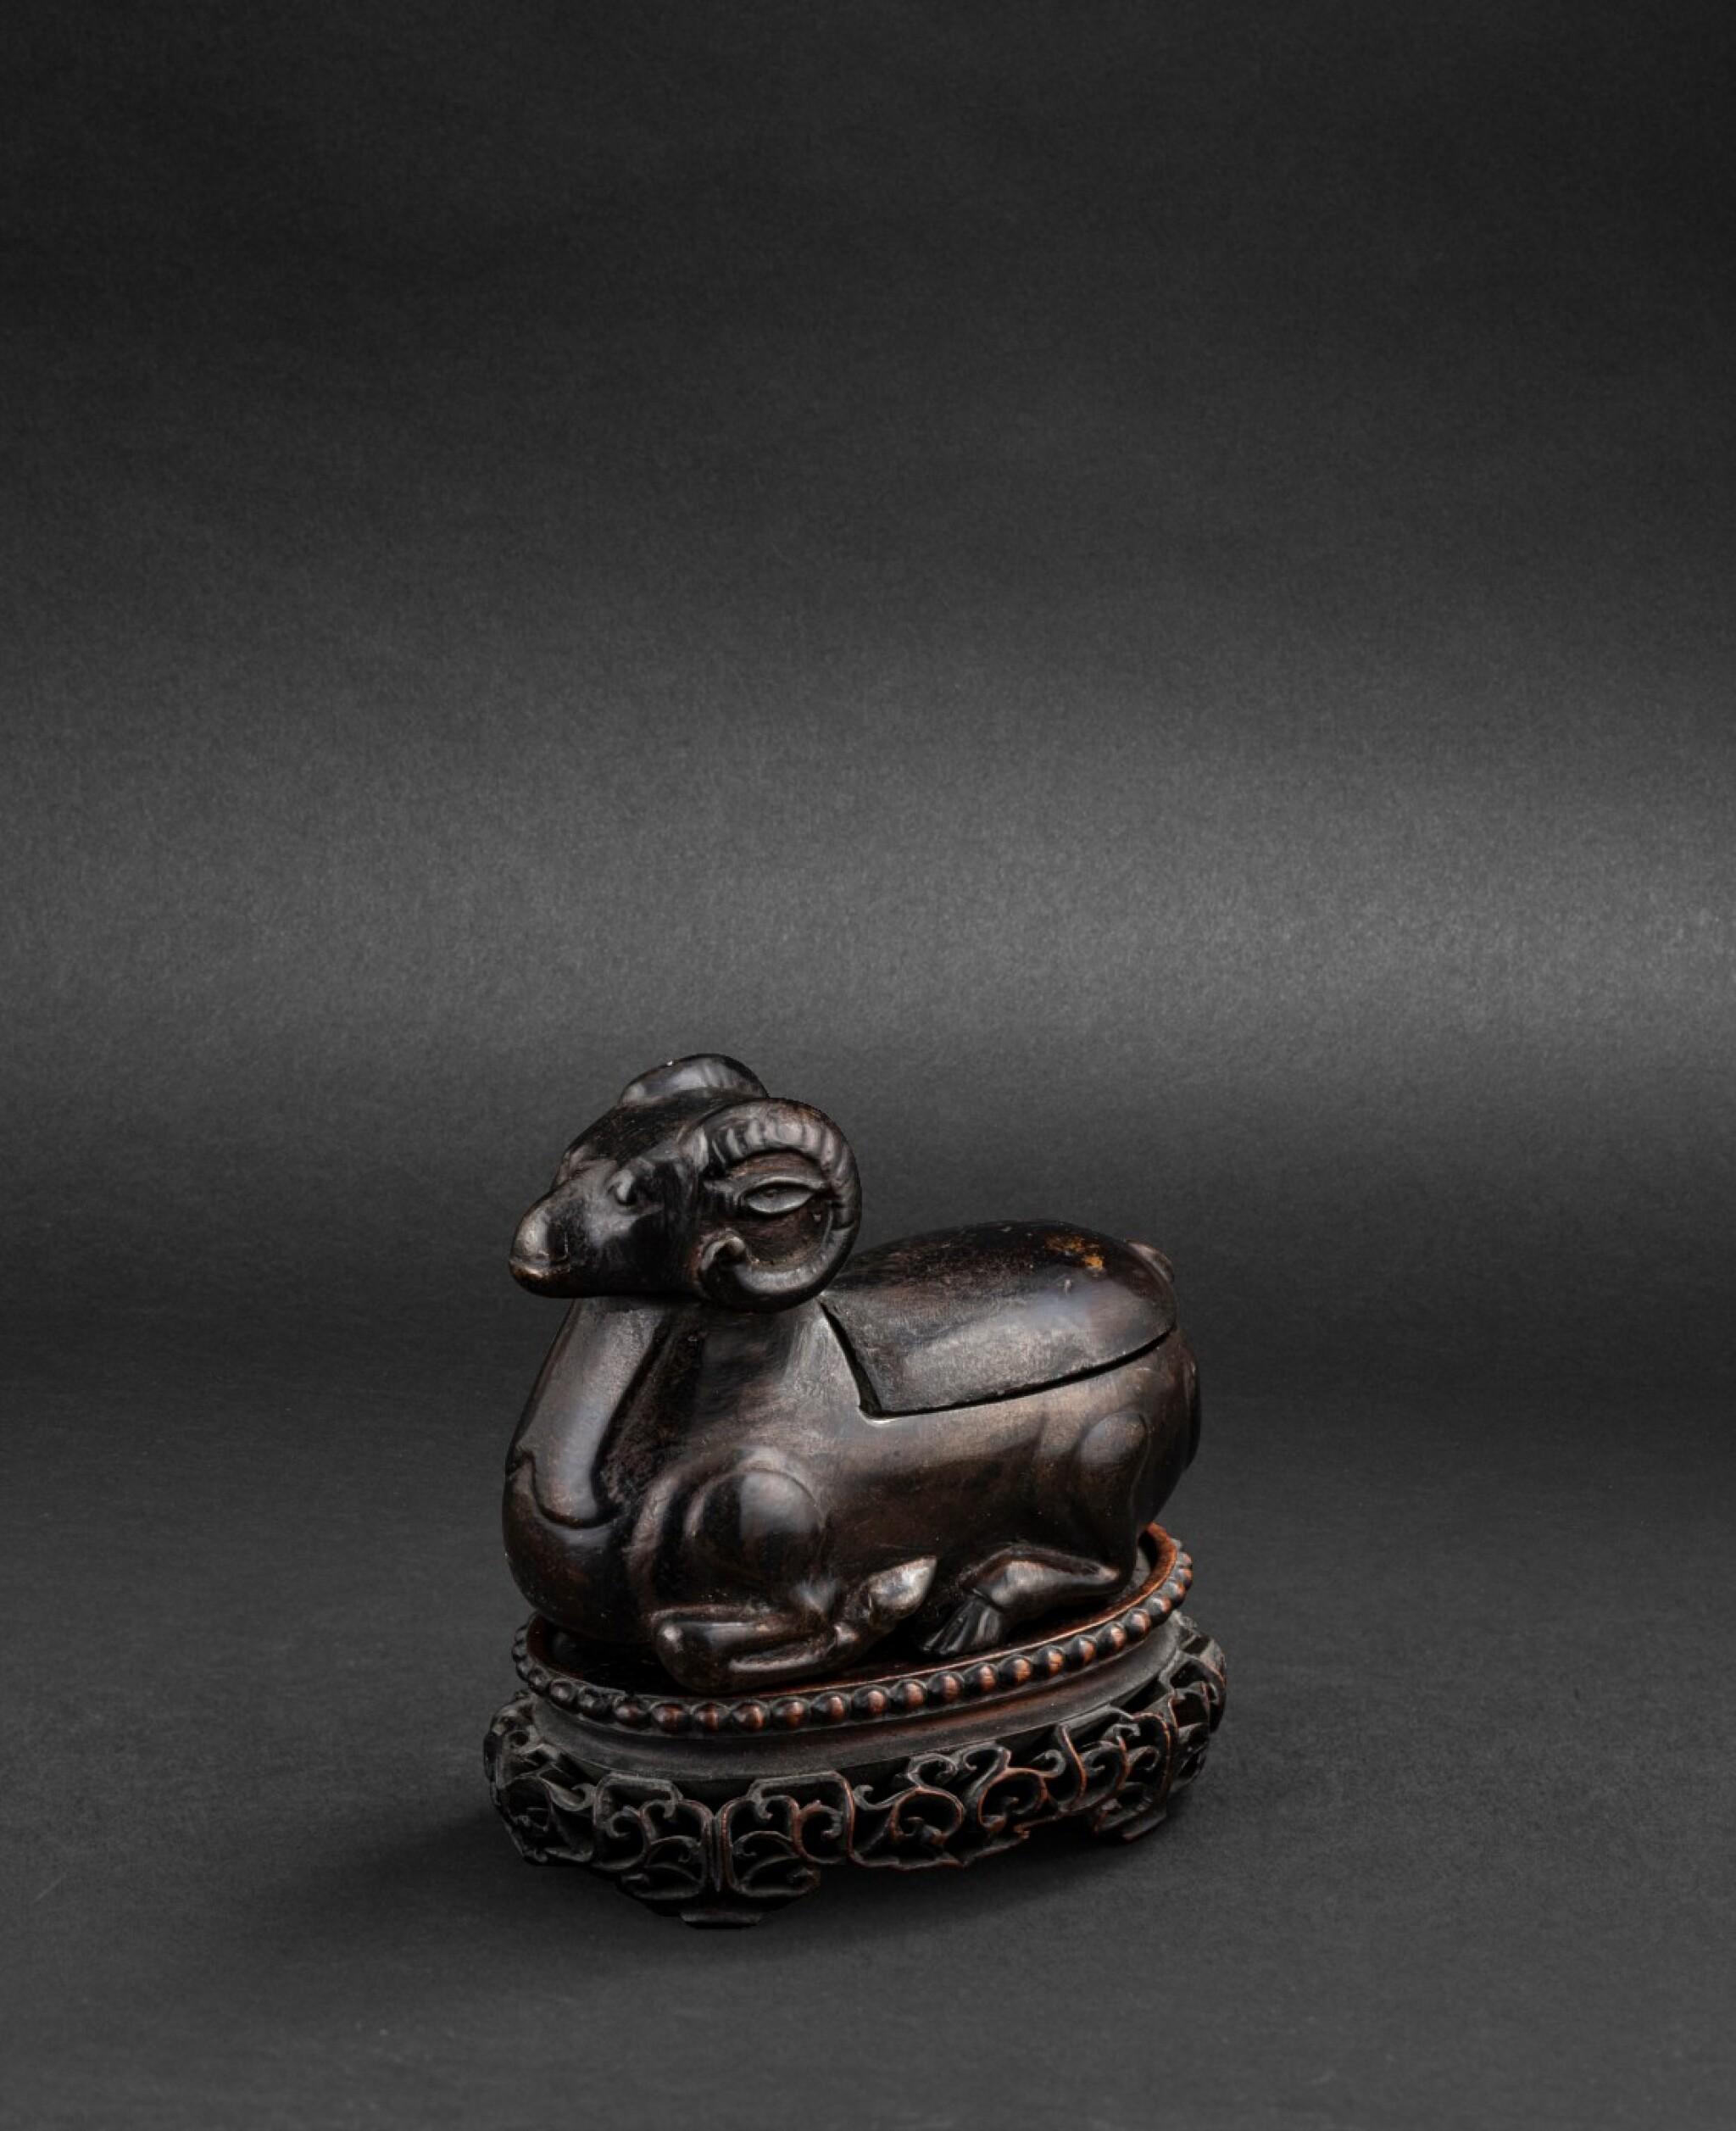 View 1 of Lot 167. Statuette en bronze de bélier formant lampe à huile Dynastie Ming ou antérieure   明或更早期 銅臥羊燈   A 'ram' bronze oil lamp, Ming Dynasty or earlier.